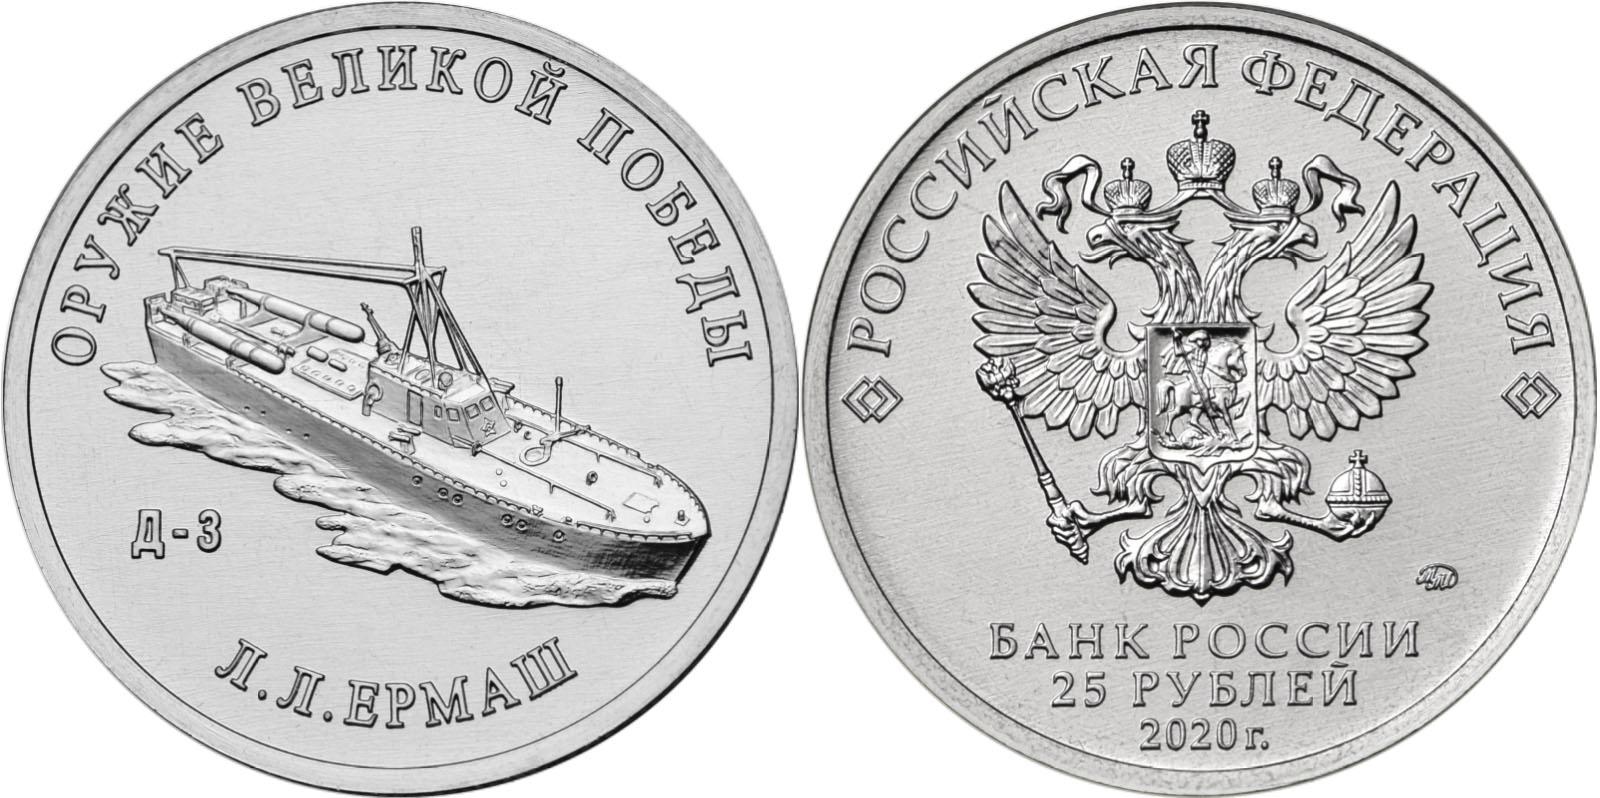 25 рублей «Конструктор оружия Л. Л. Ермаш»